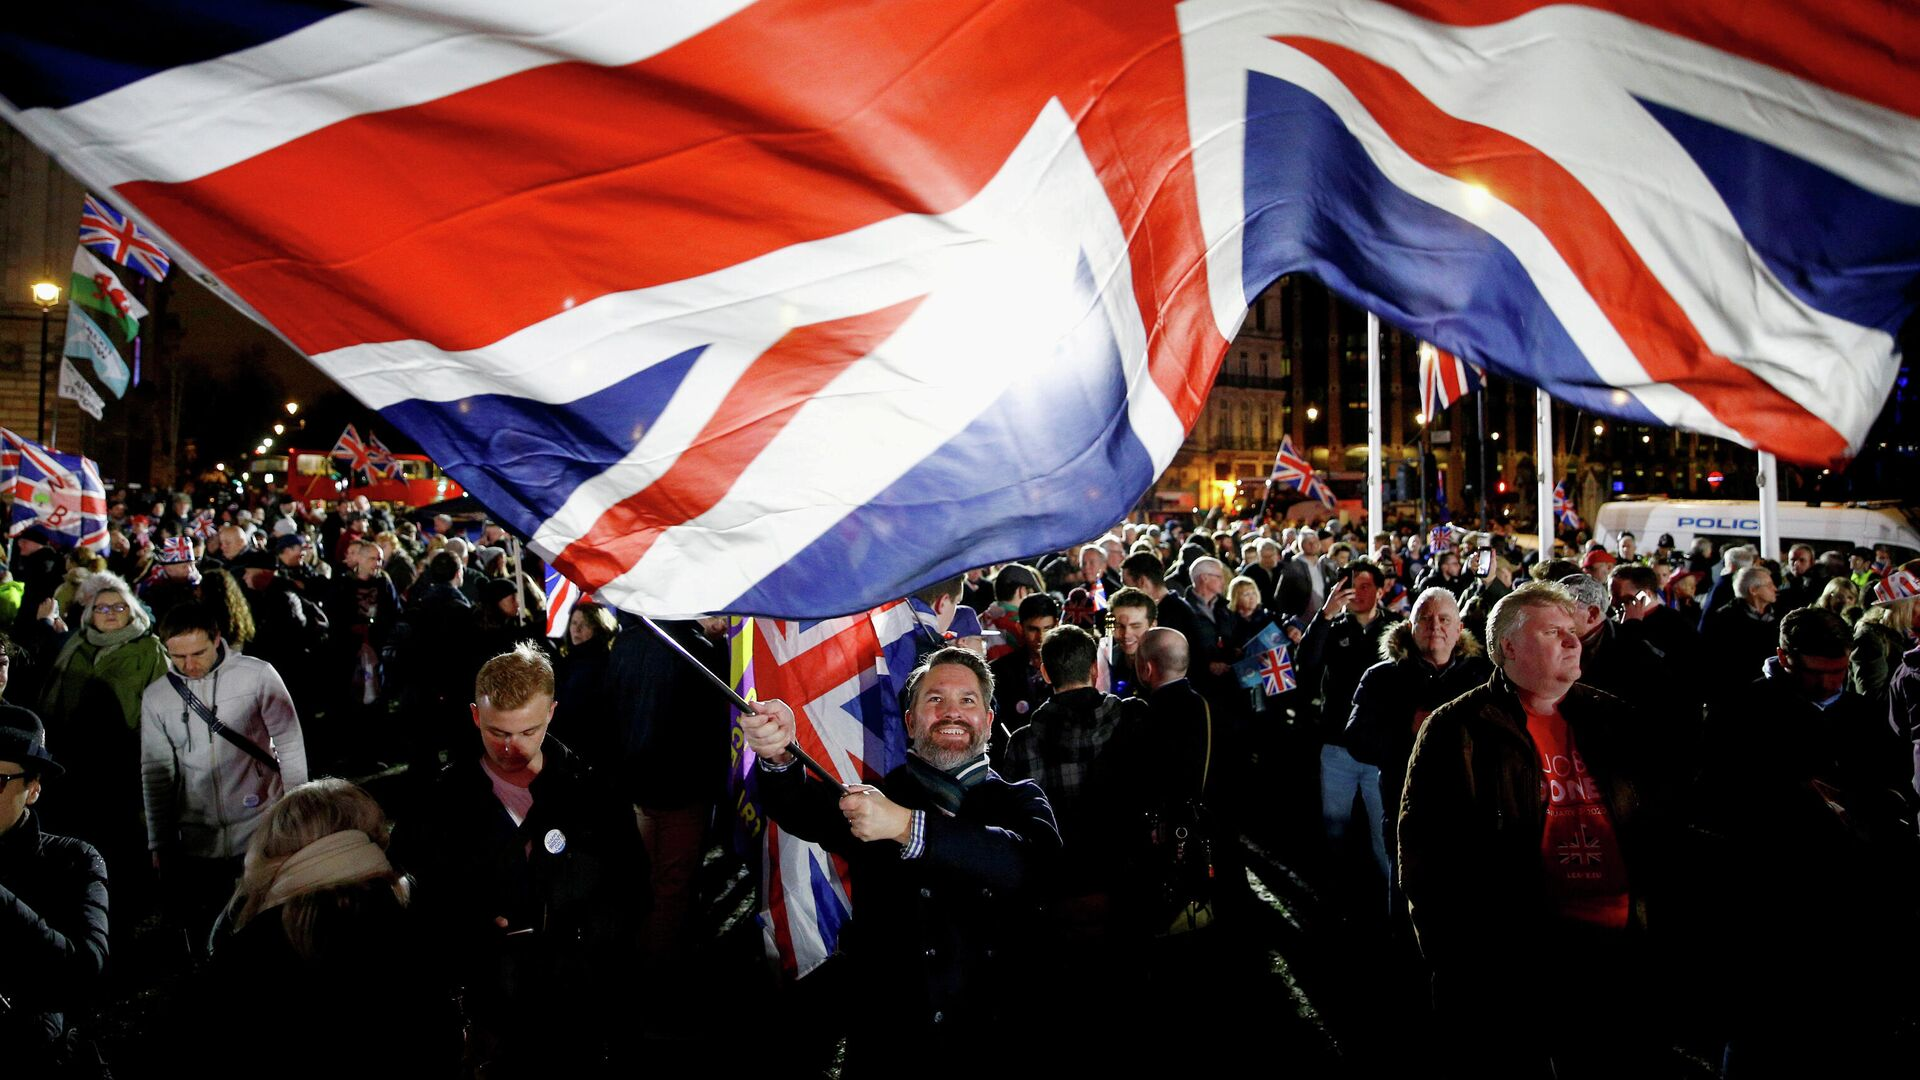 Мужчина размахивает флагом Великобритании в Лондоне  - РИА Новости, 1920, 06.10.2020